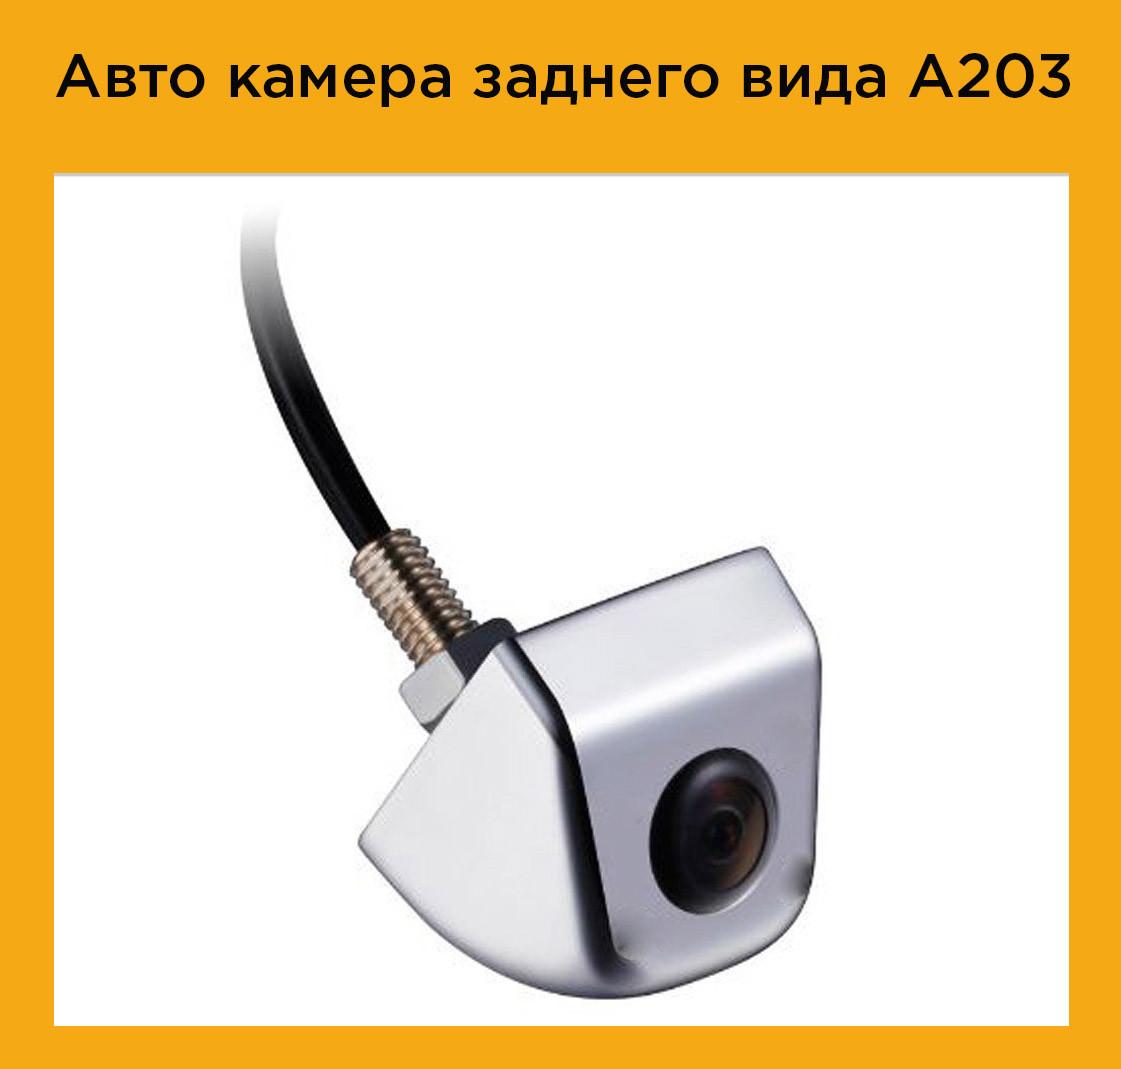 Авто камера заднего вида A203